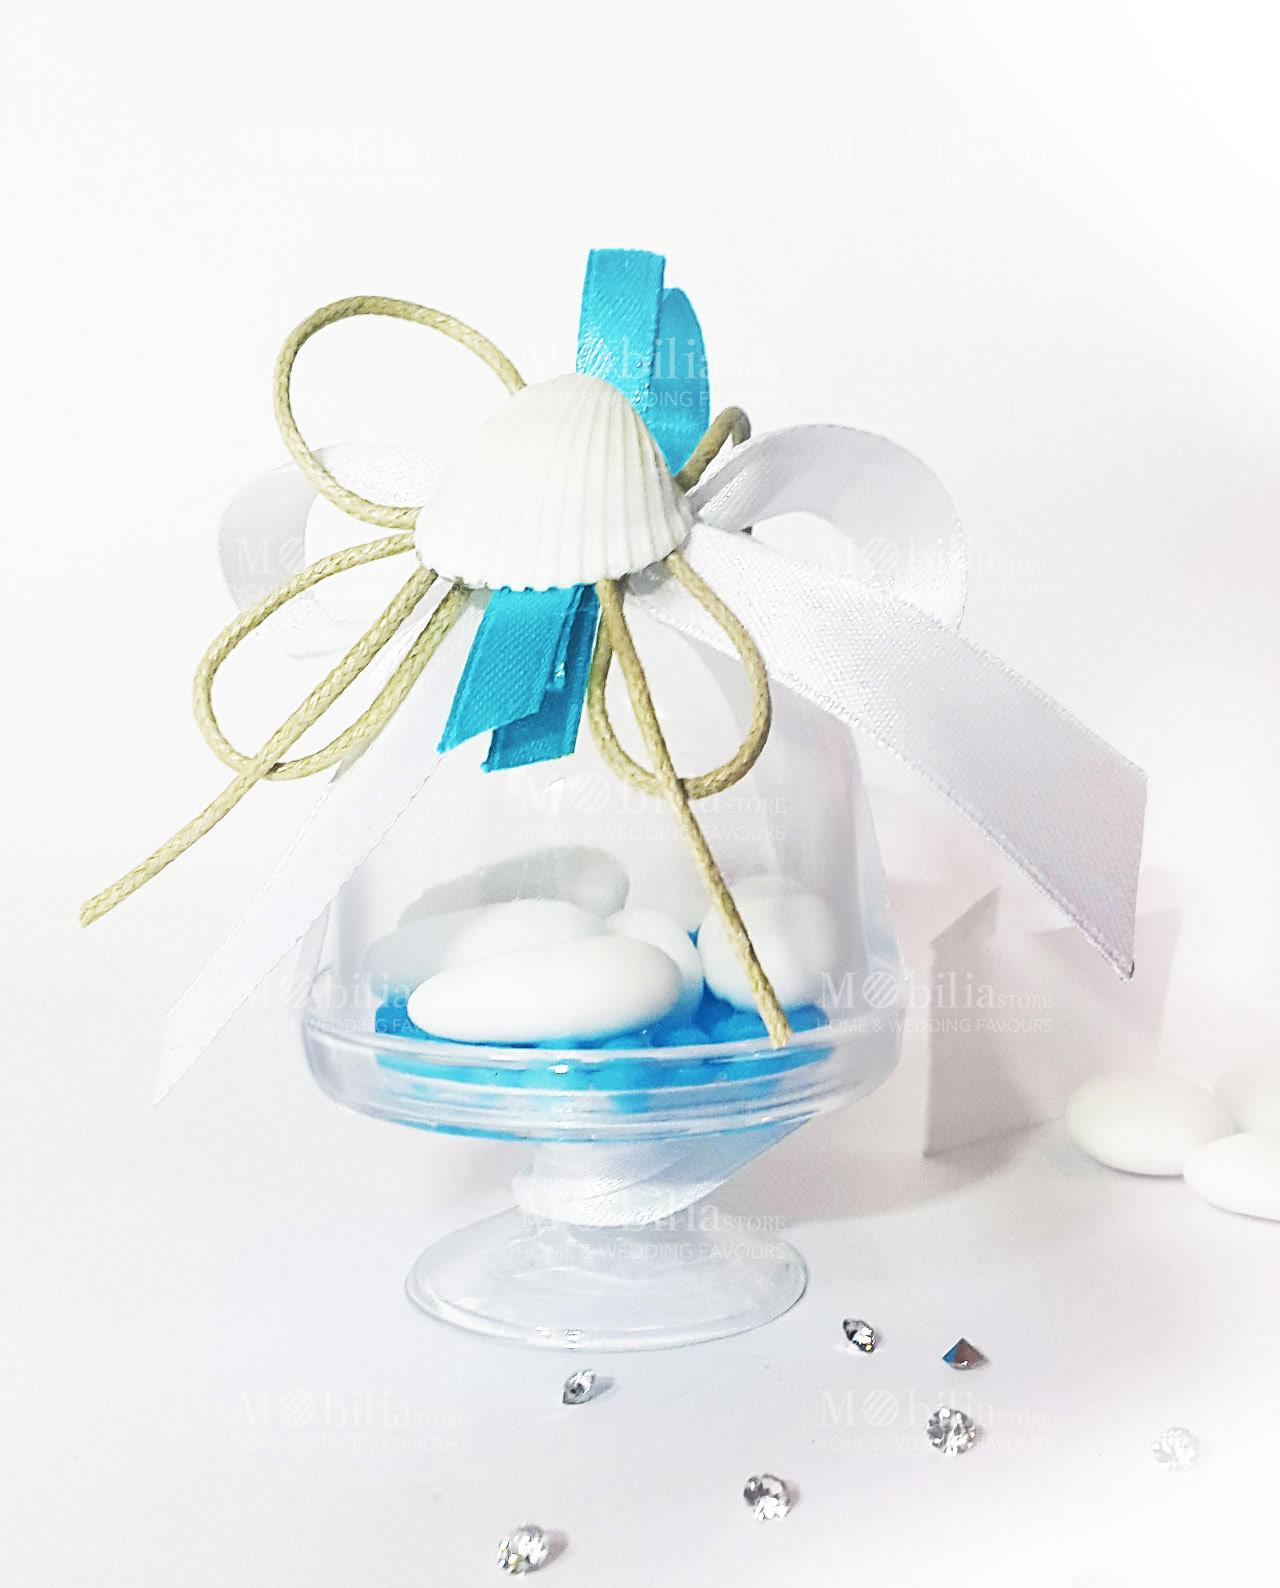 Bomboniera Matrimonio Azzurro : Alzatine trasparenti confezionate nastro azzurro e conchiglia set 6